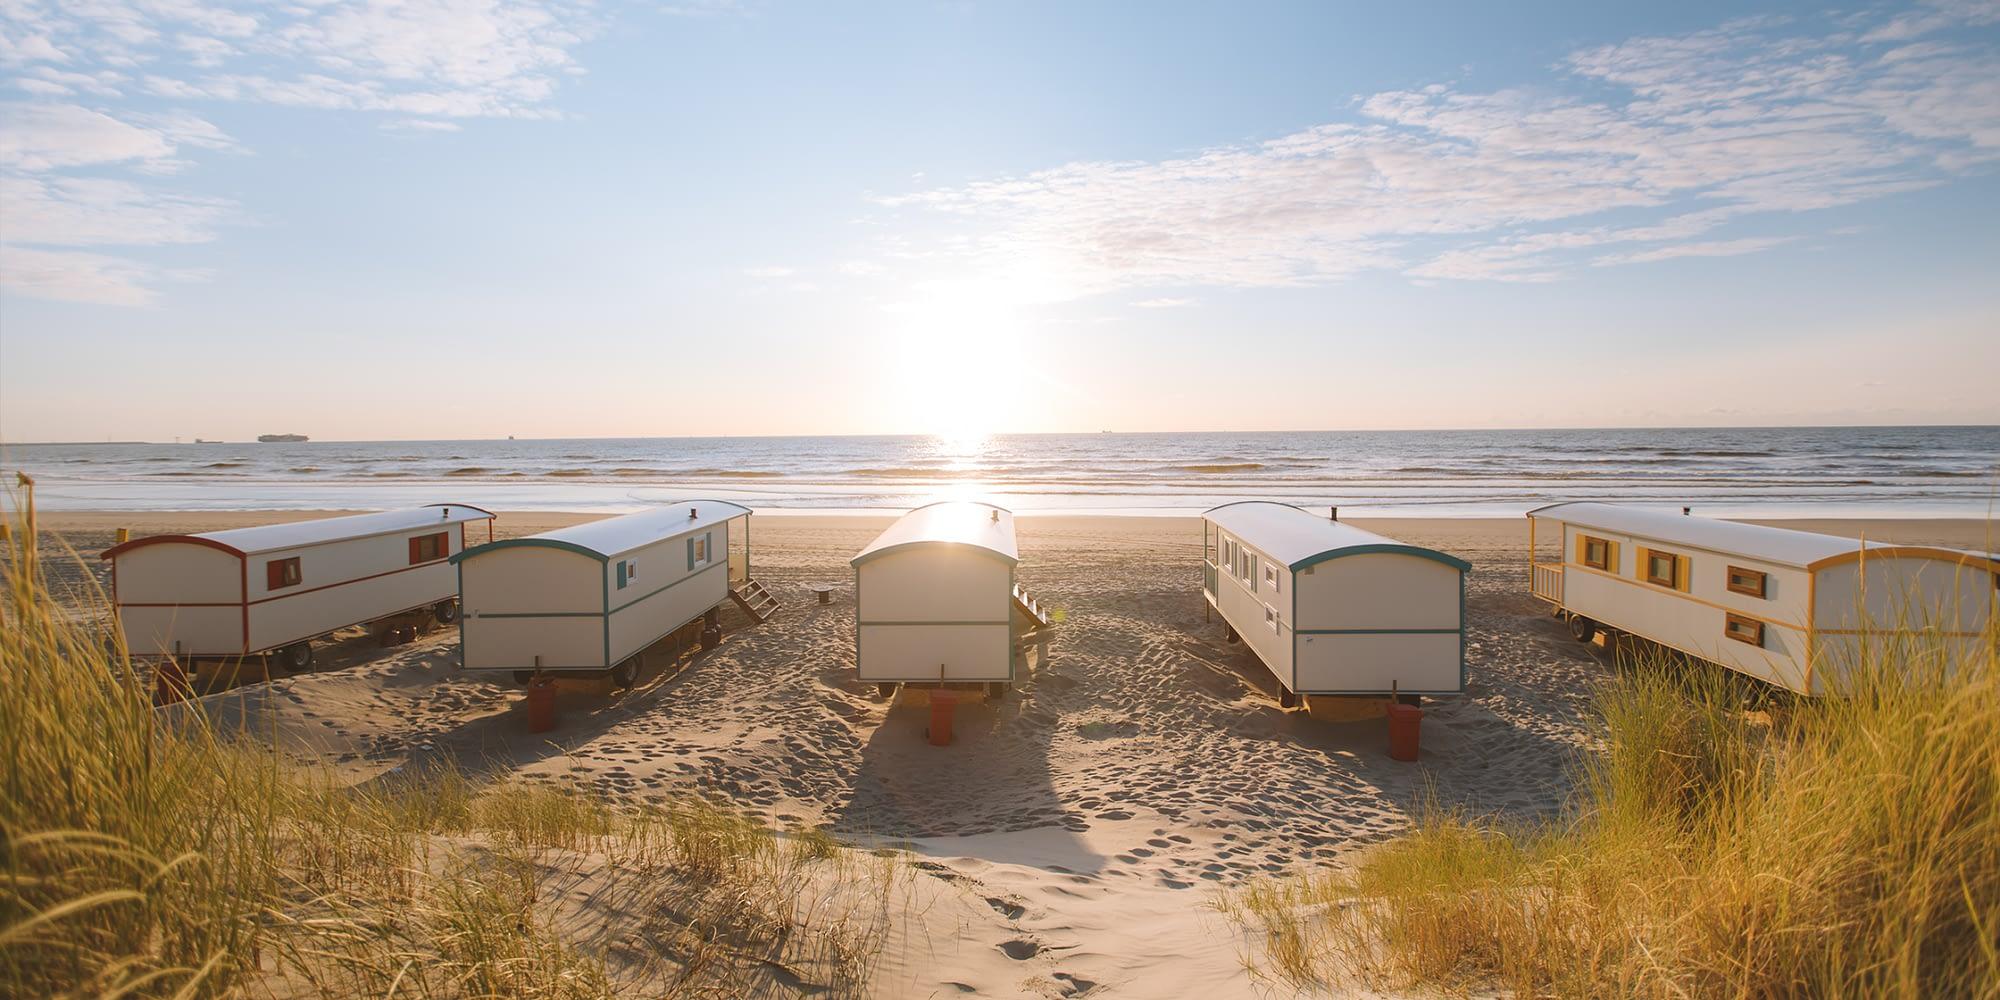 5 pipowagens op het strand van het Westland met duinen op de voorgrond en de zee in de achtergrond